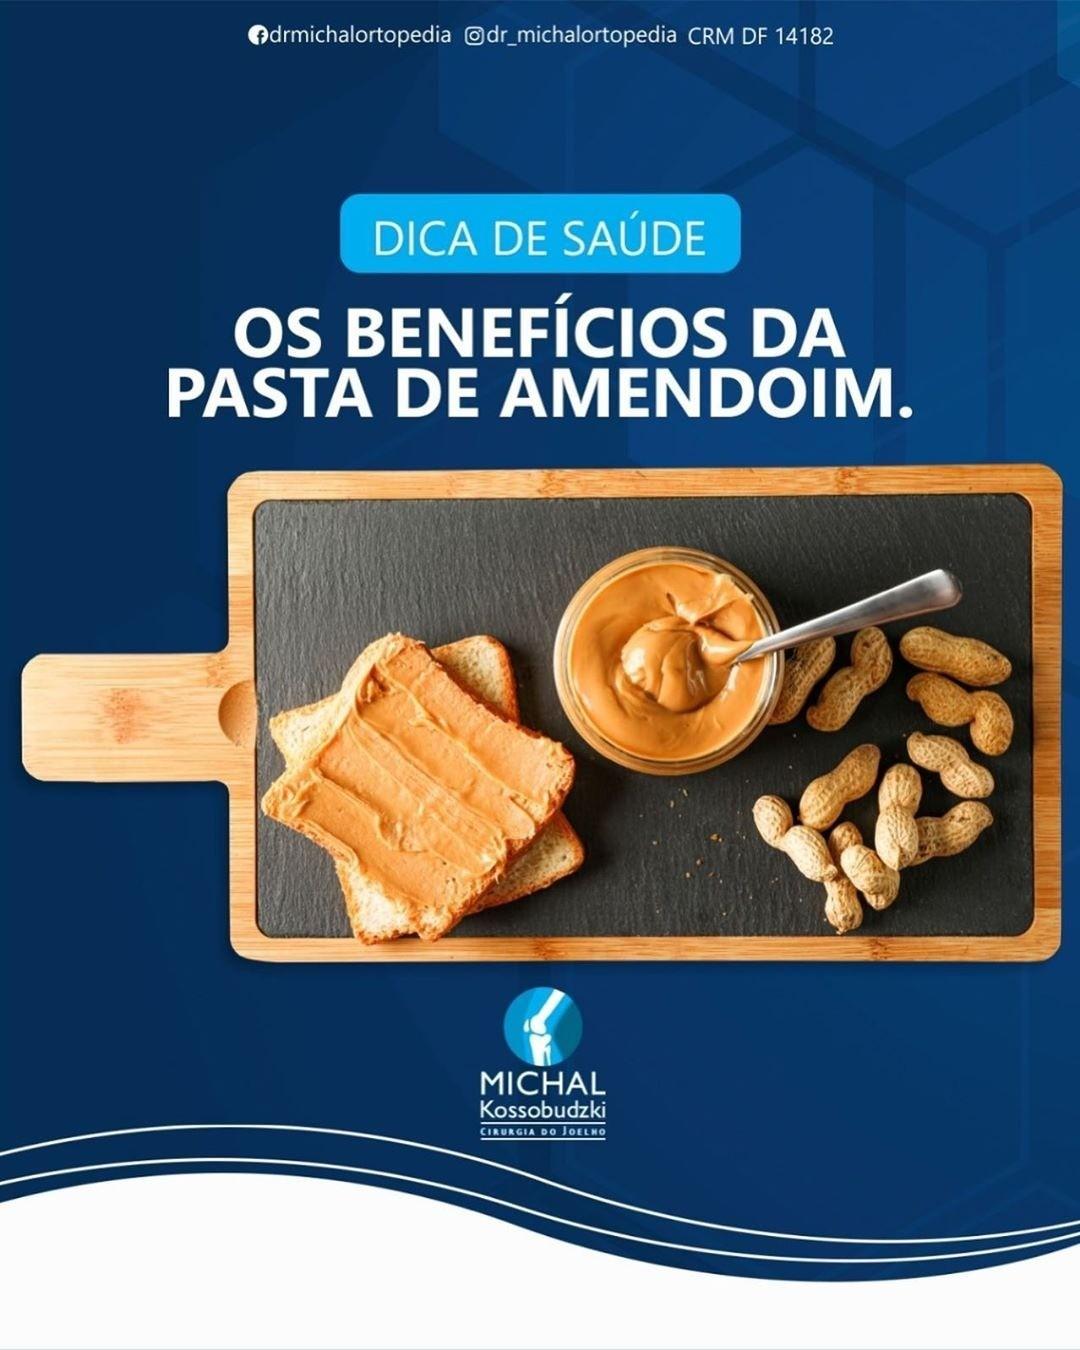 Beneficios da pasta  de amendoim!